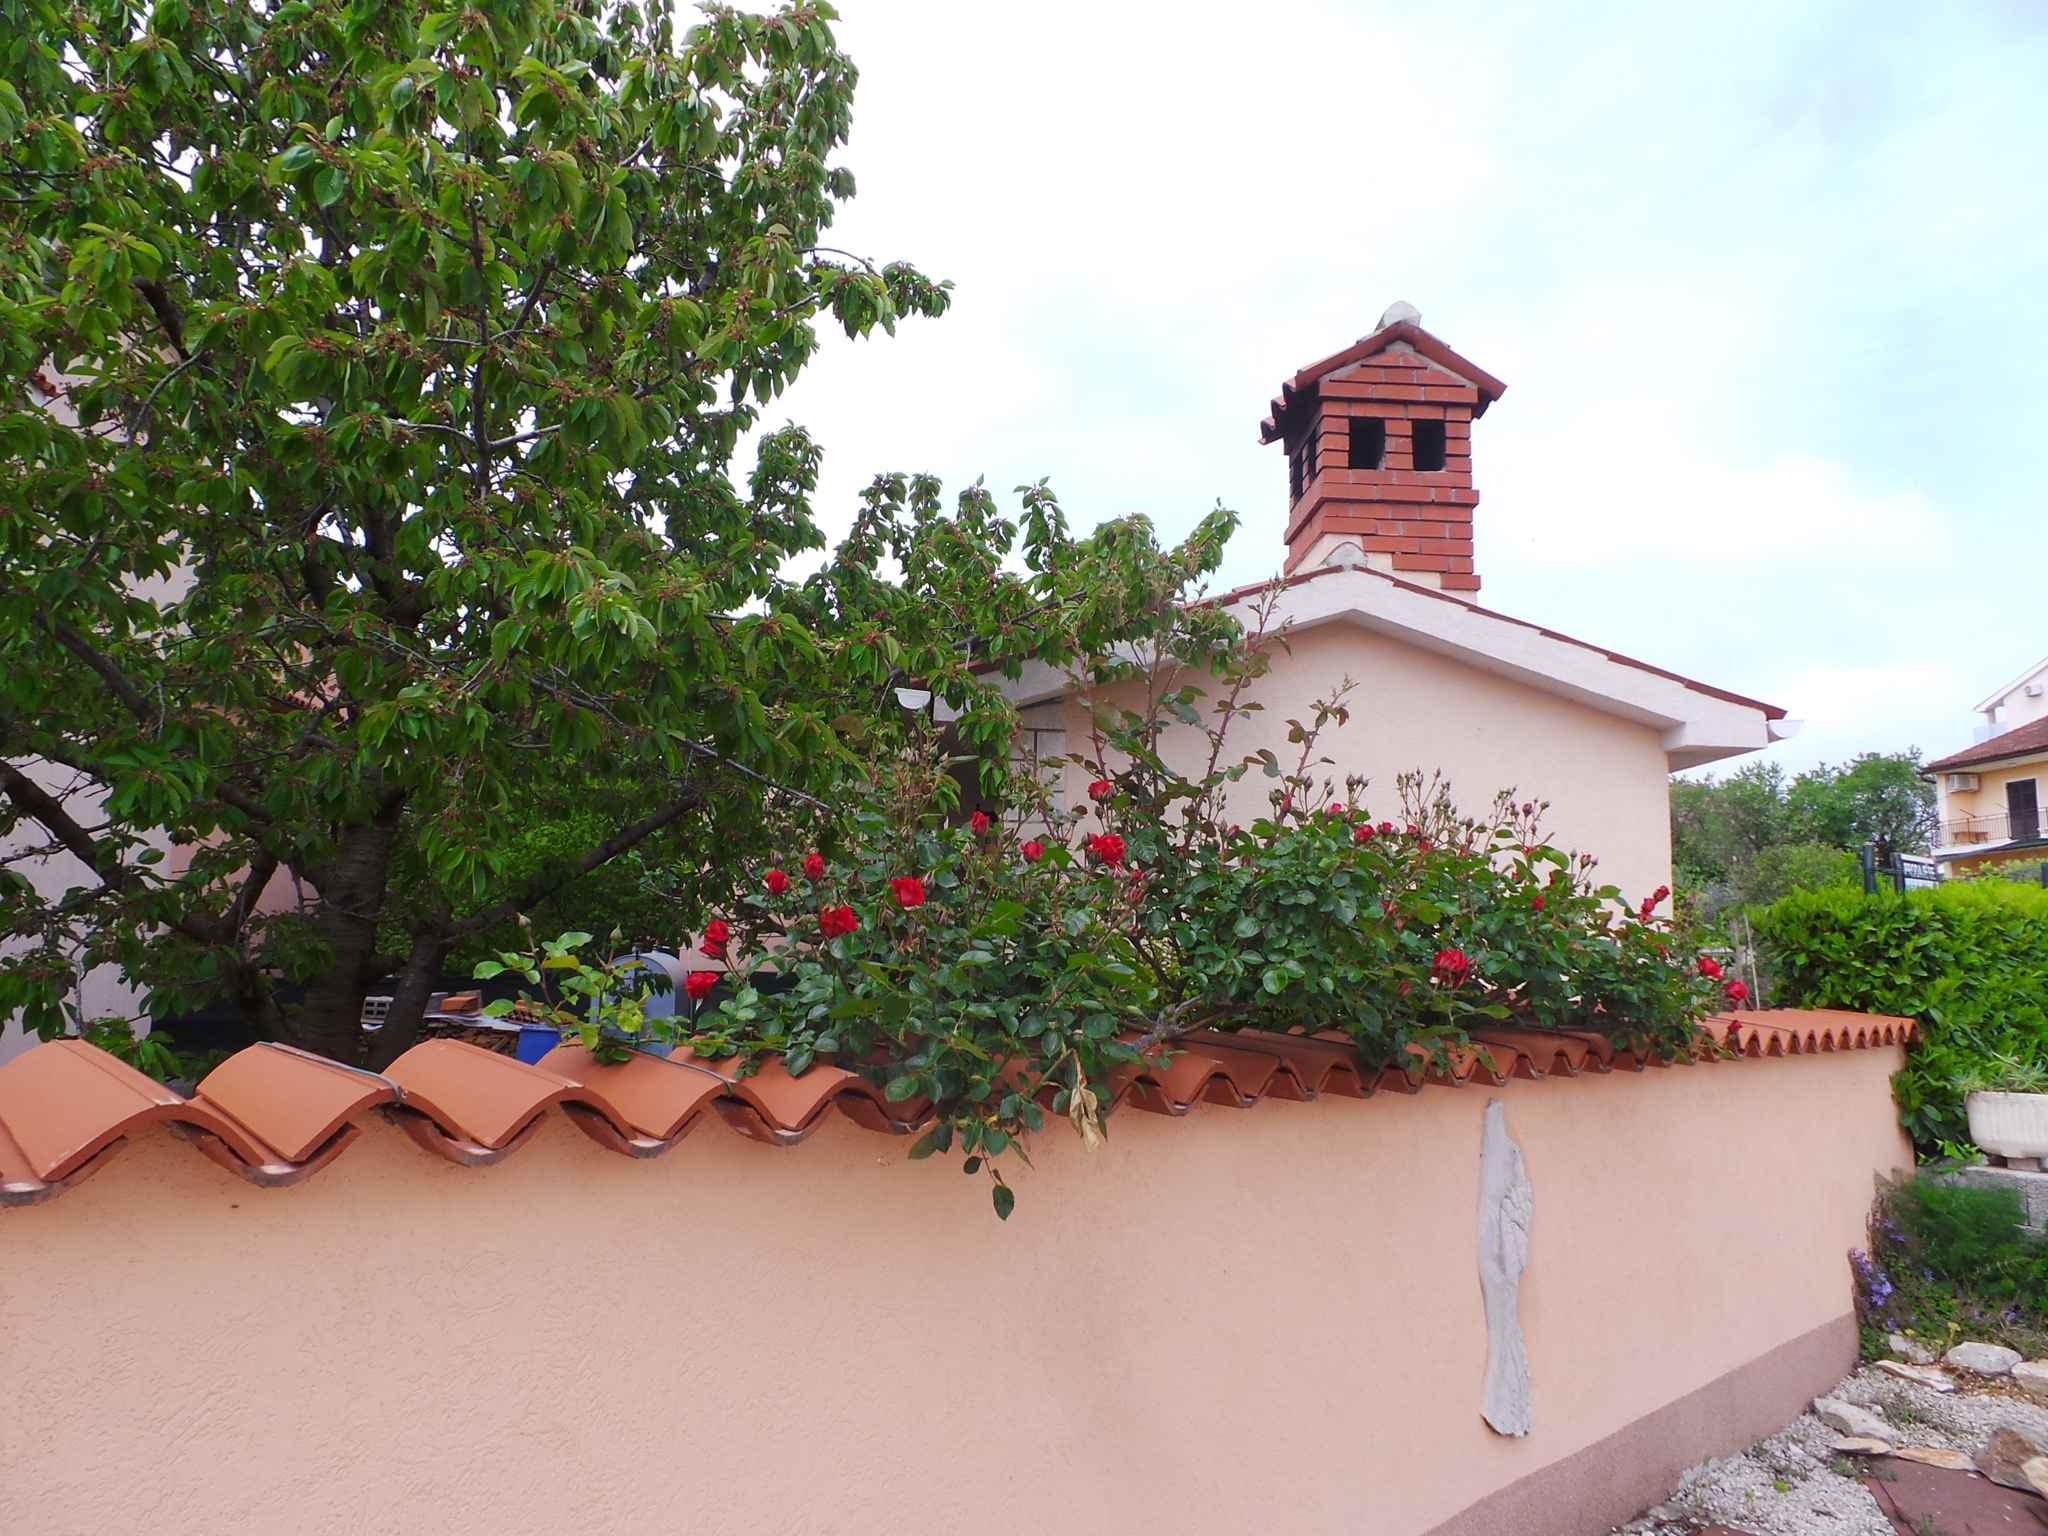 Ferienwohnung mit Tischtennis im Garten (279780), Fažana, , Istrien, Kroatien, Bild 8